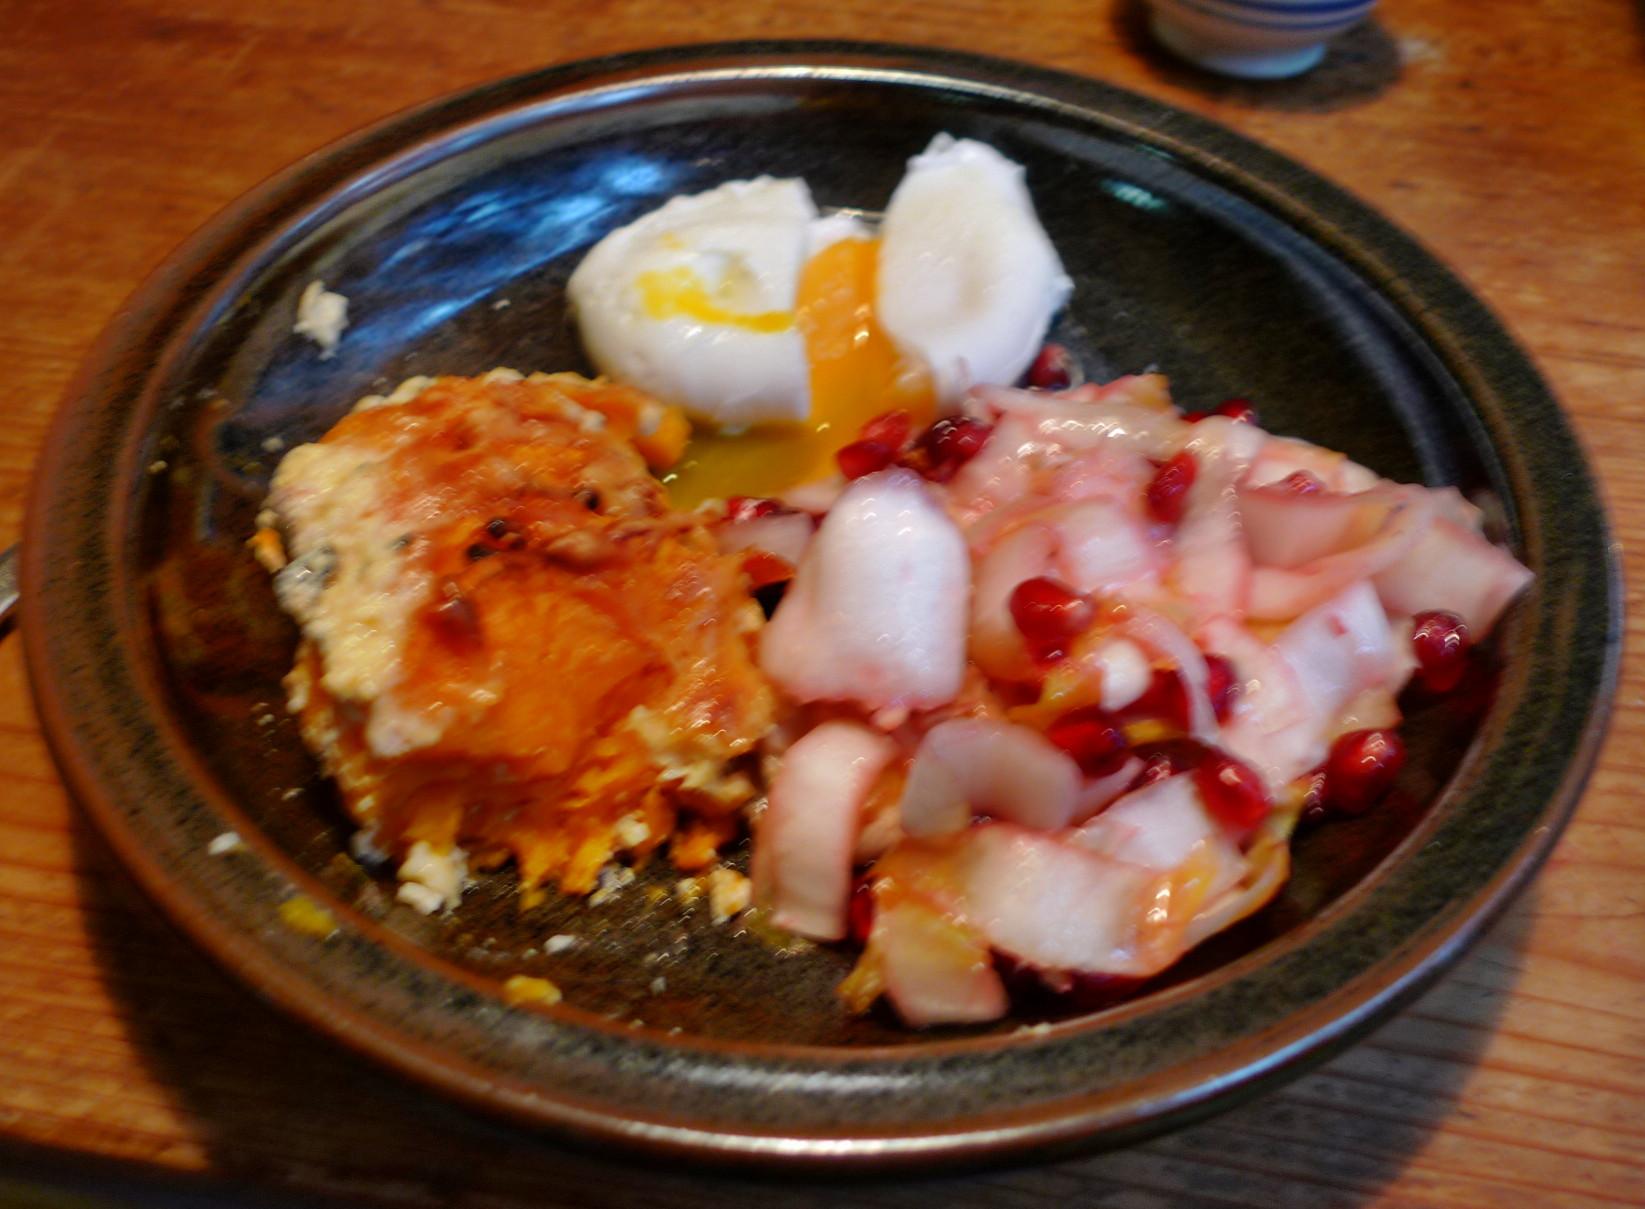 Süßkartoffelgratin,Chicoreesalat,pochierte Eier - 17.12.14   (25)